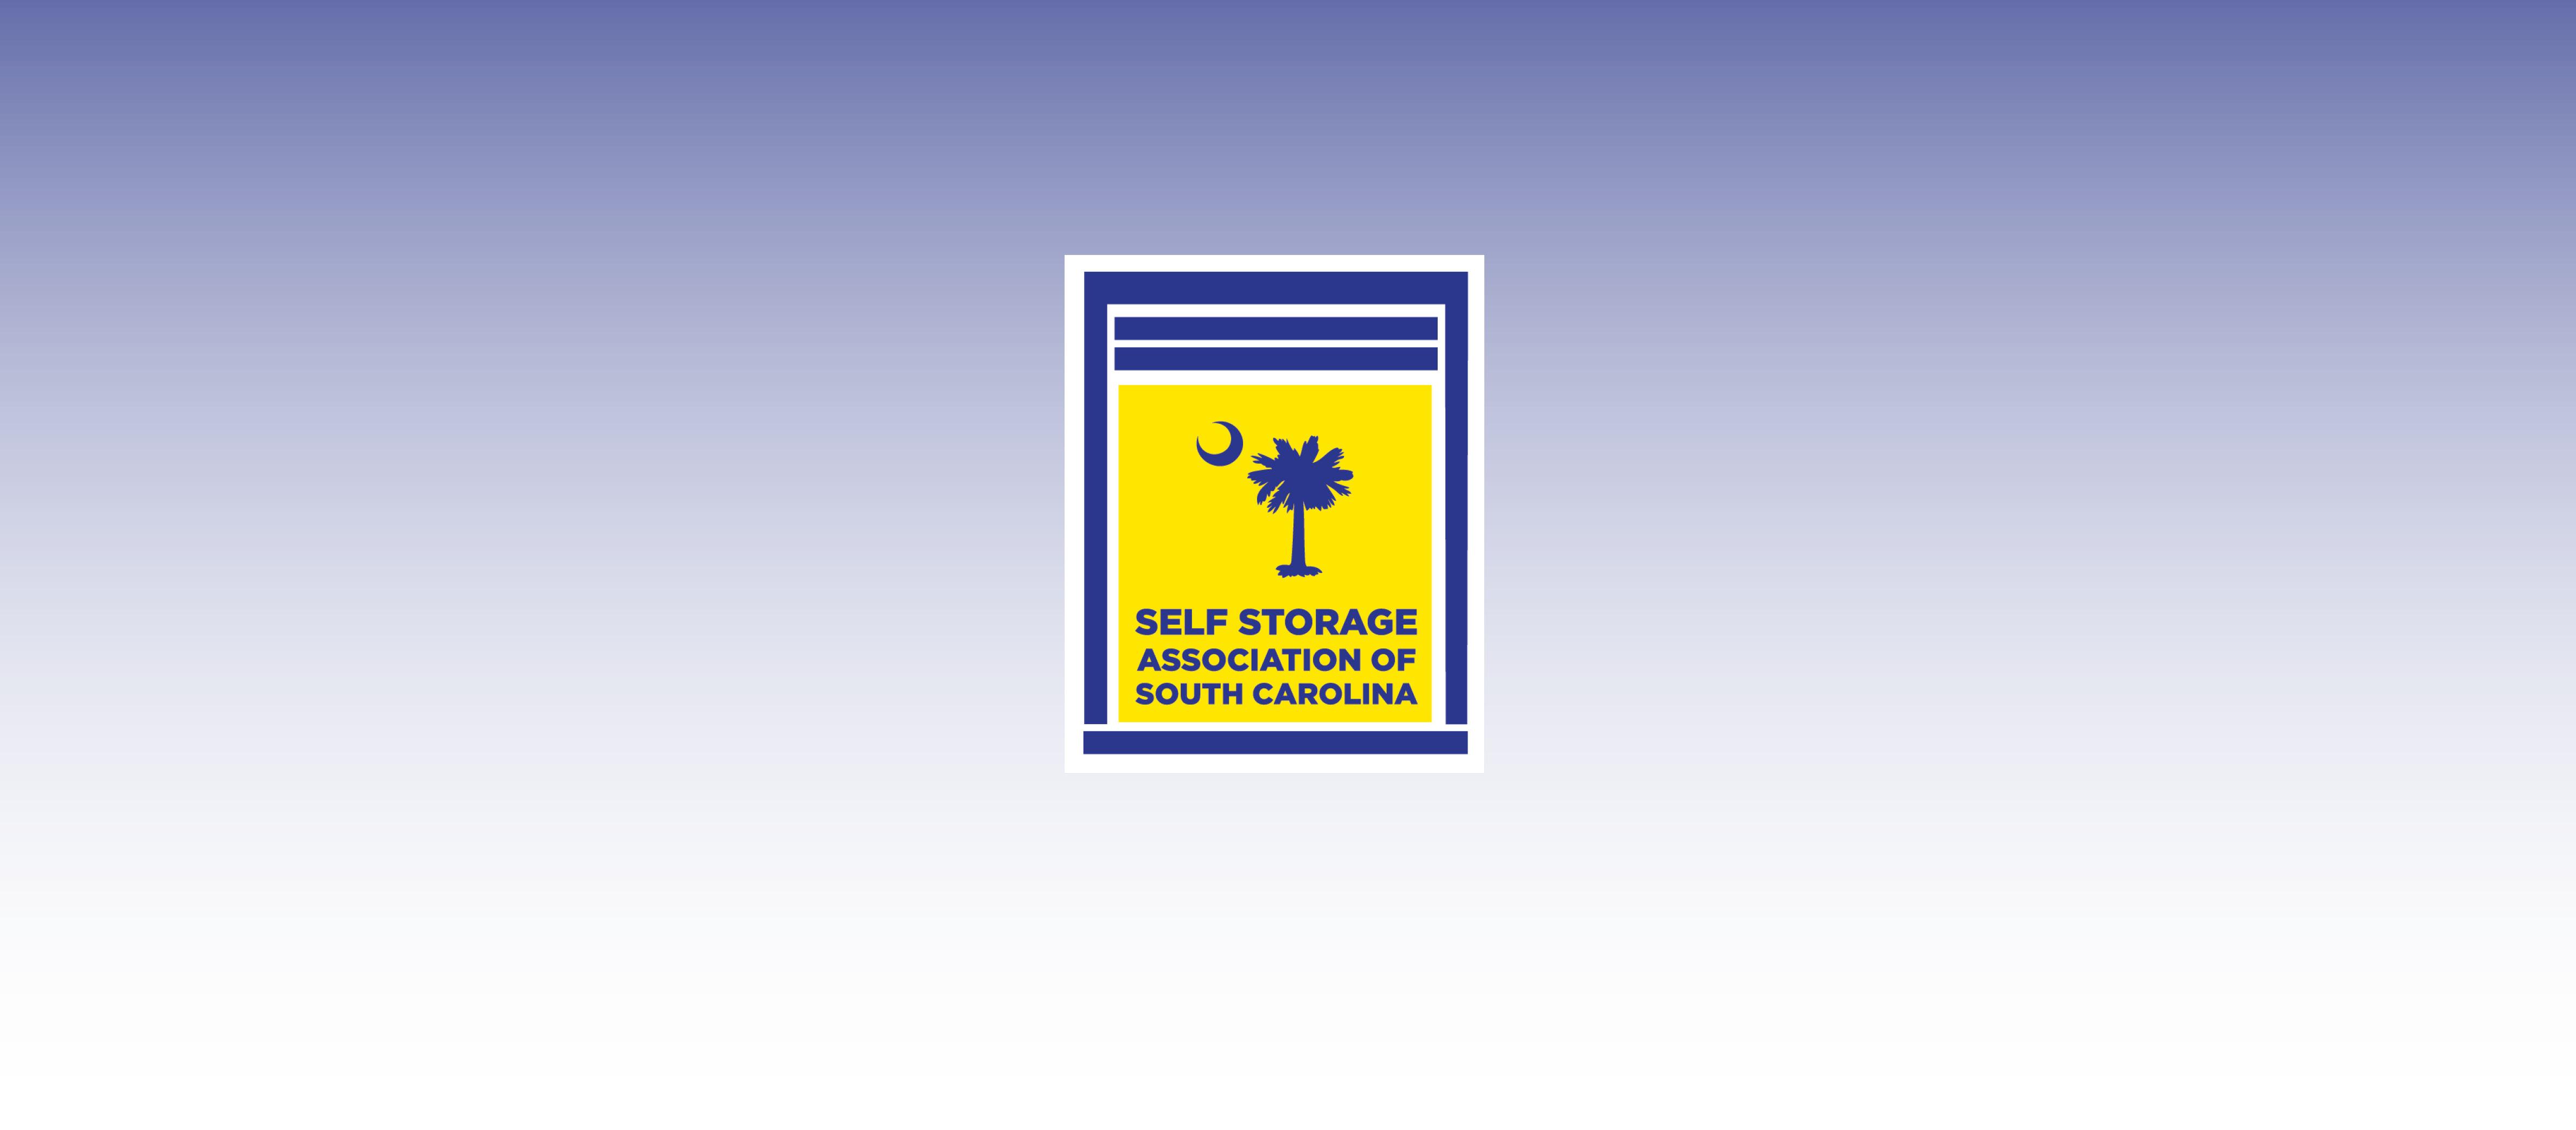 Self Storage Association of South Carolina (SSASC)